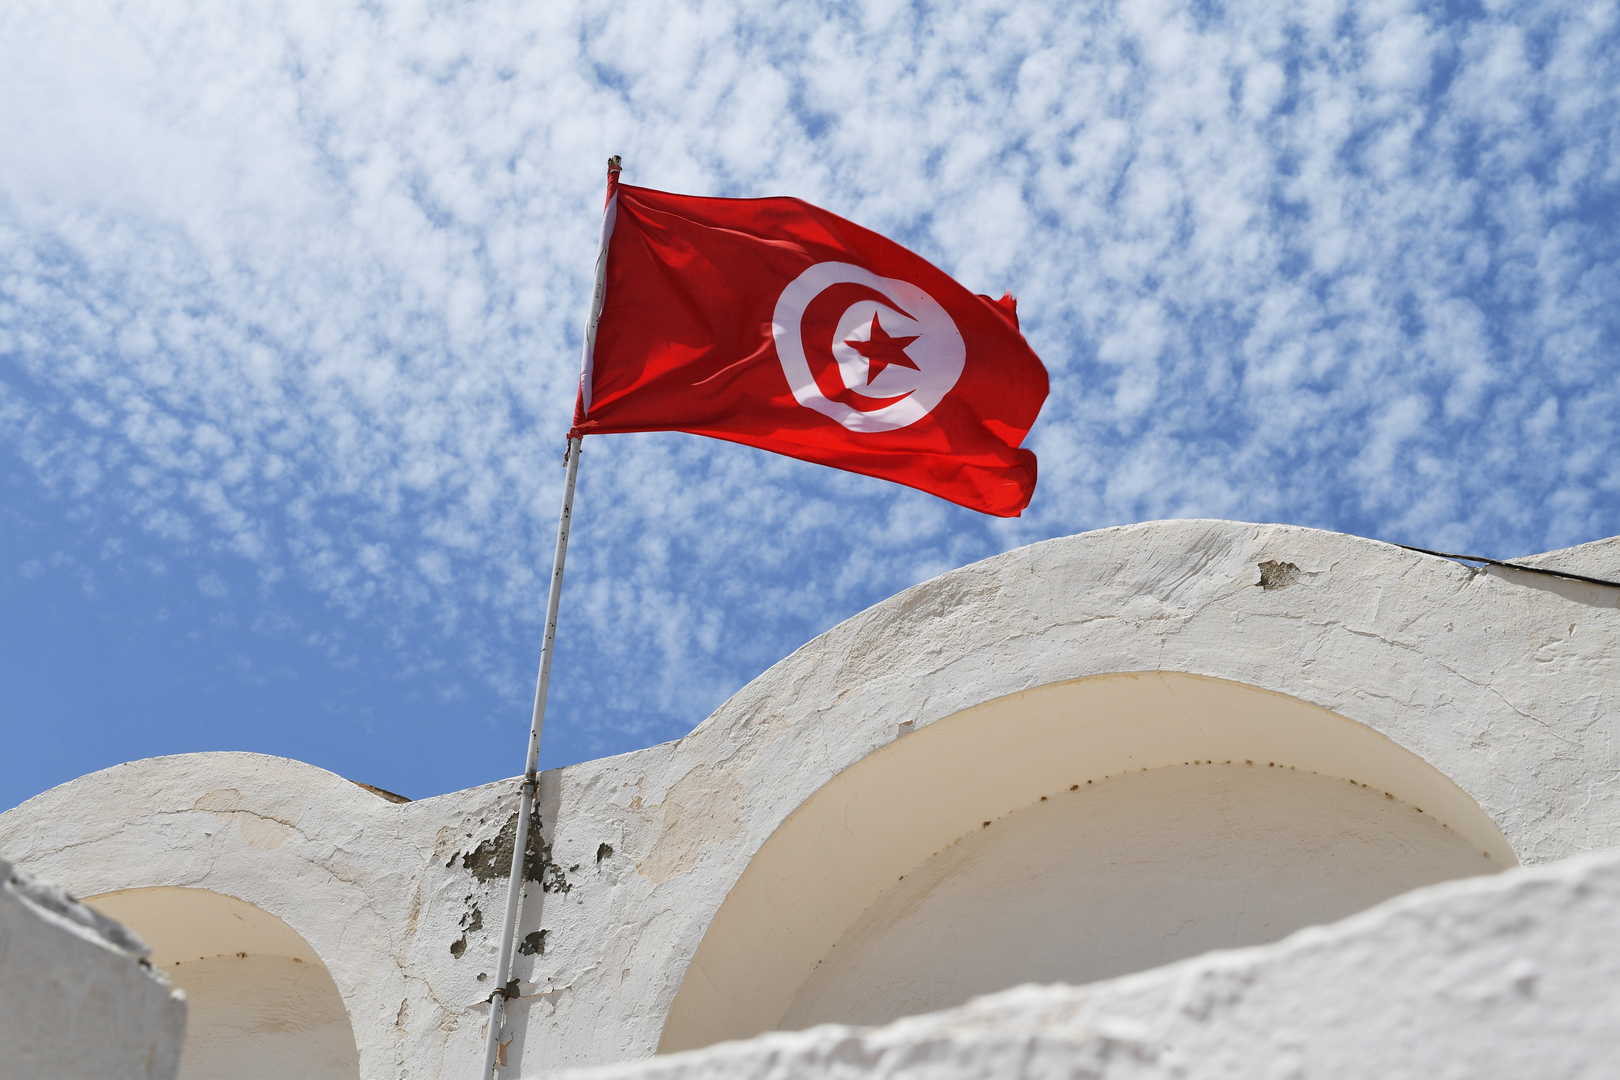 تونس.. إطلاق سراح مغنيي راب تم إيقافهماعلى خلفية استهلاكهما مواد مخدرة